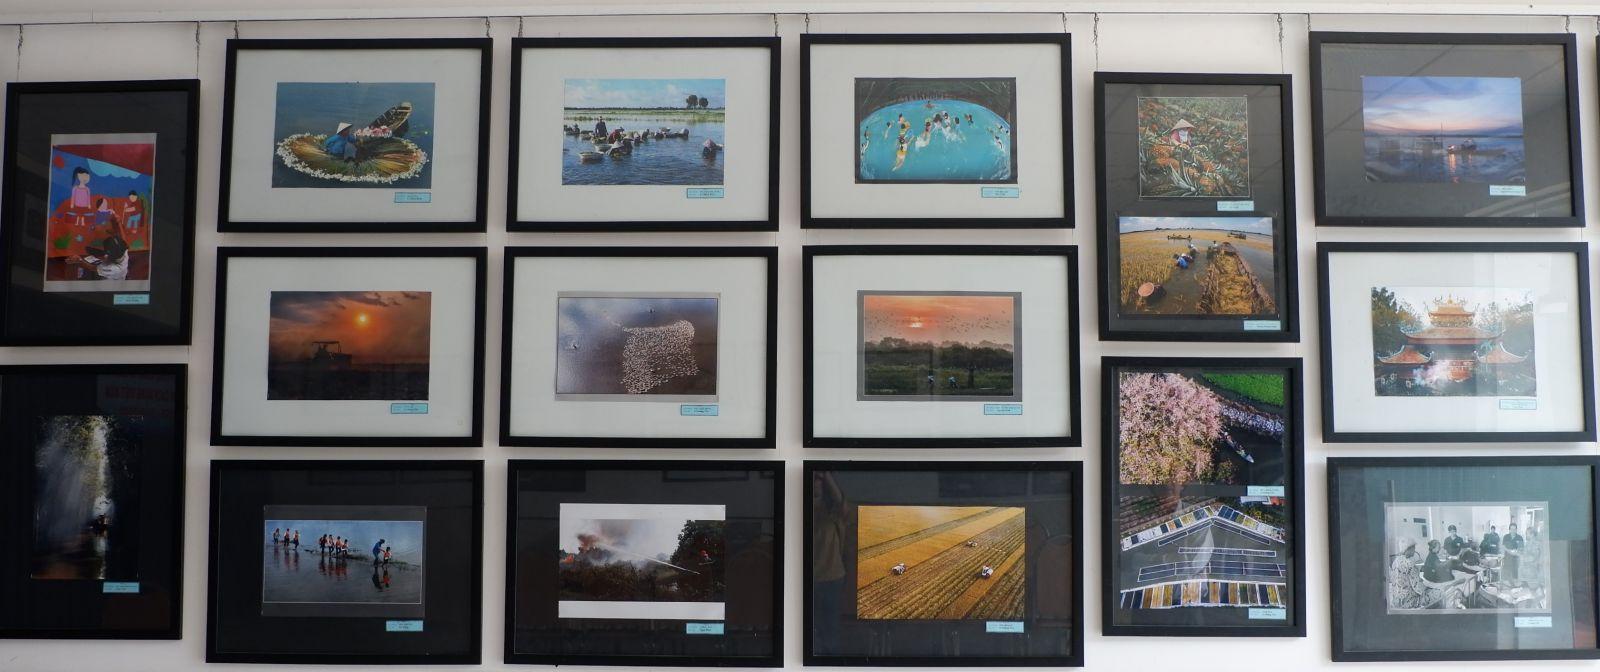 Cuộc thi ảnh nghệ thuật Long An quê hương tôi qua các năm